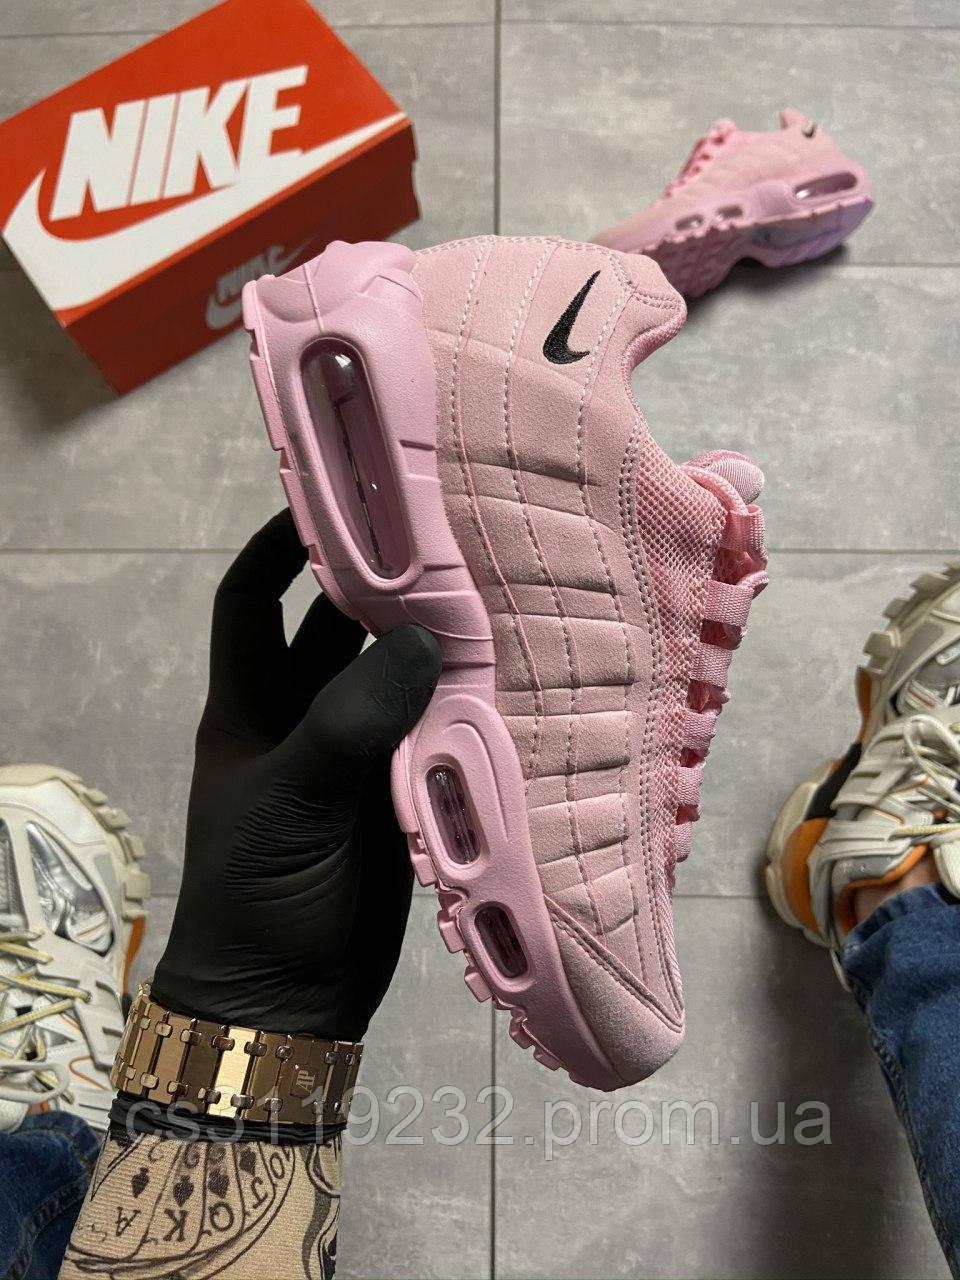 Женские кроссовки Nike Air Max 95  Pink (розовые)